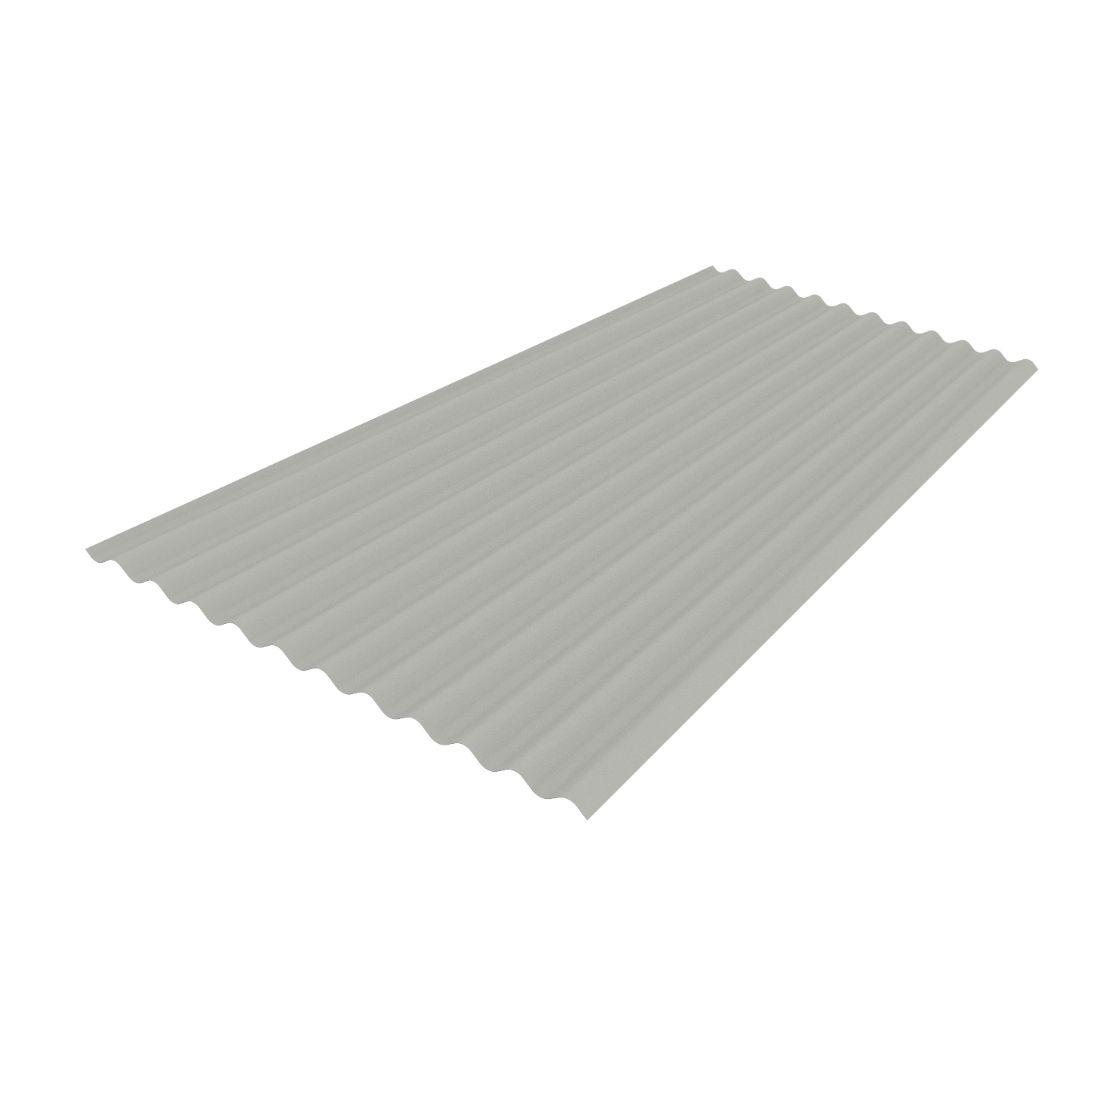 Corrugate Zincalume 0.40mm BMT 3.6m